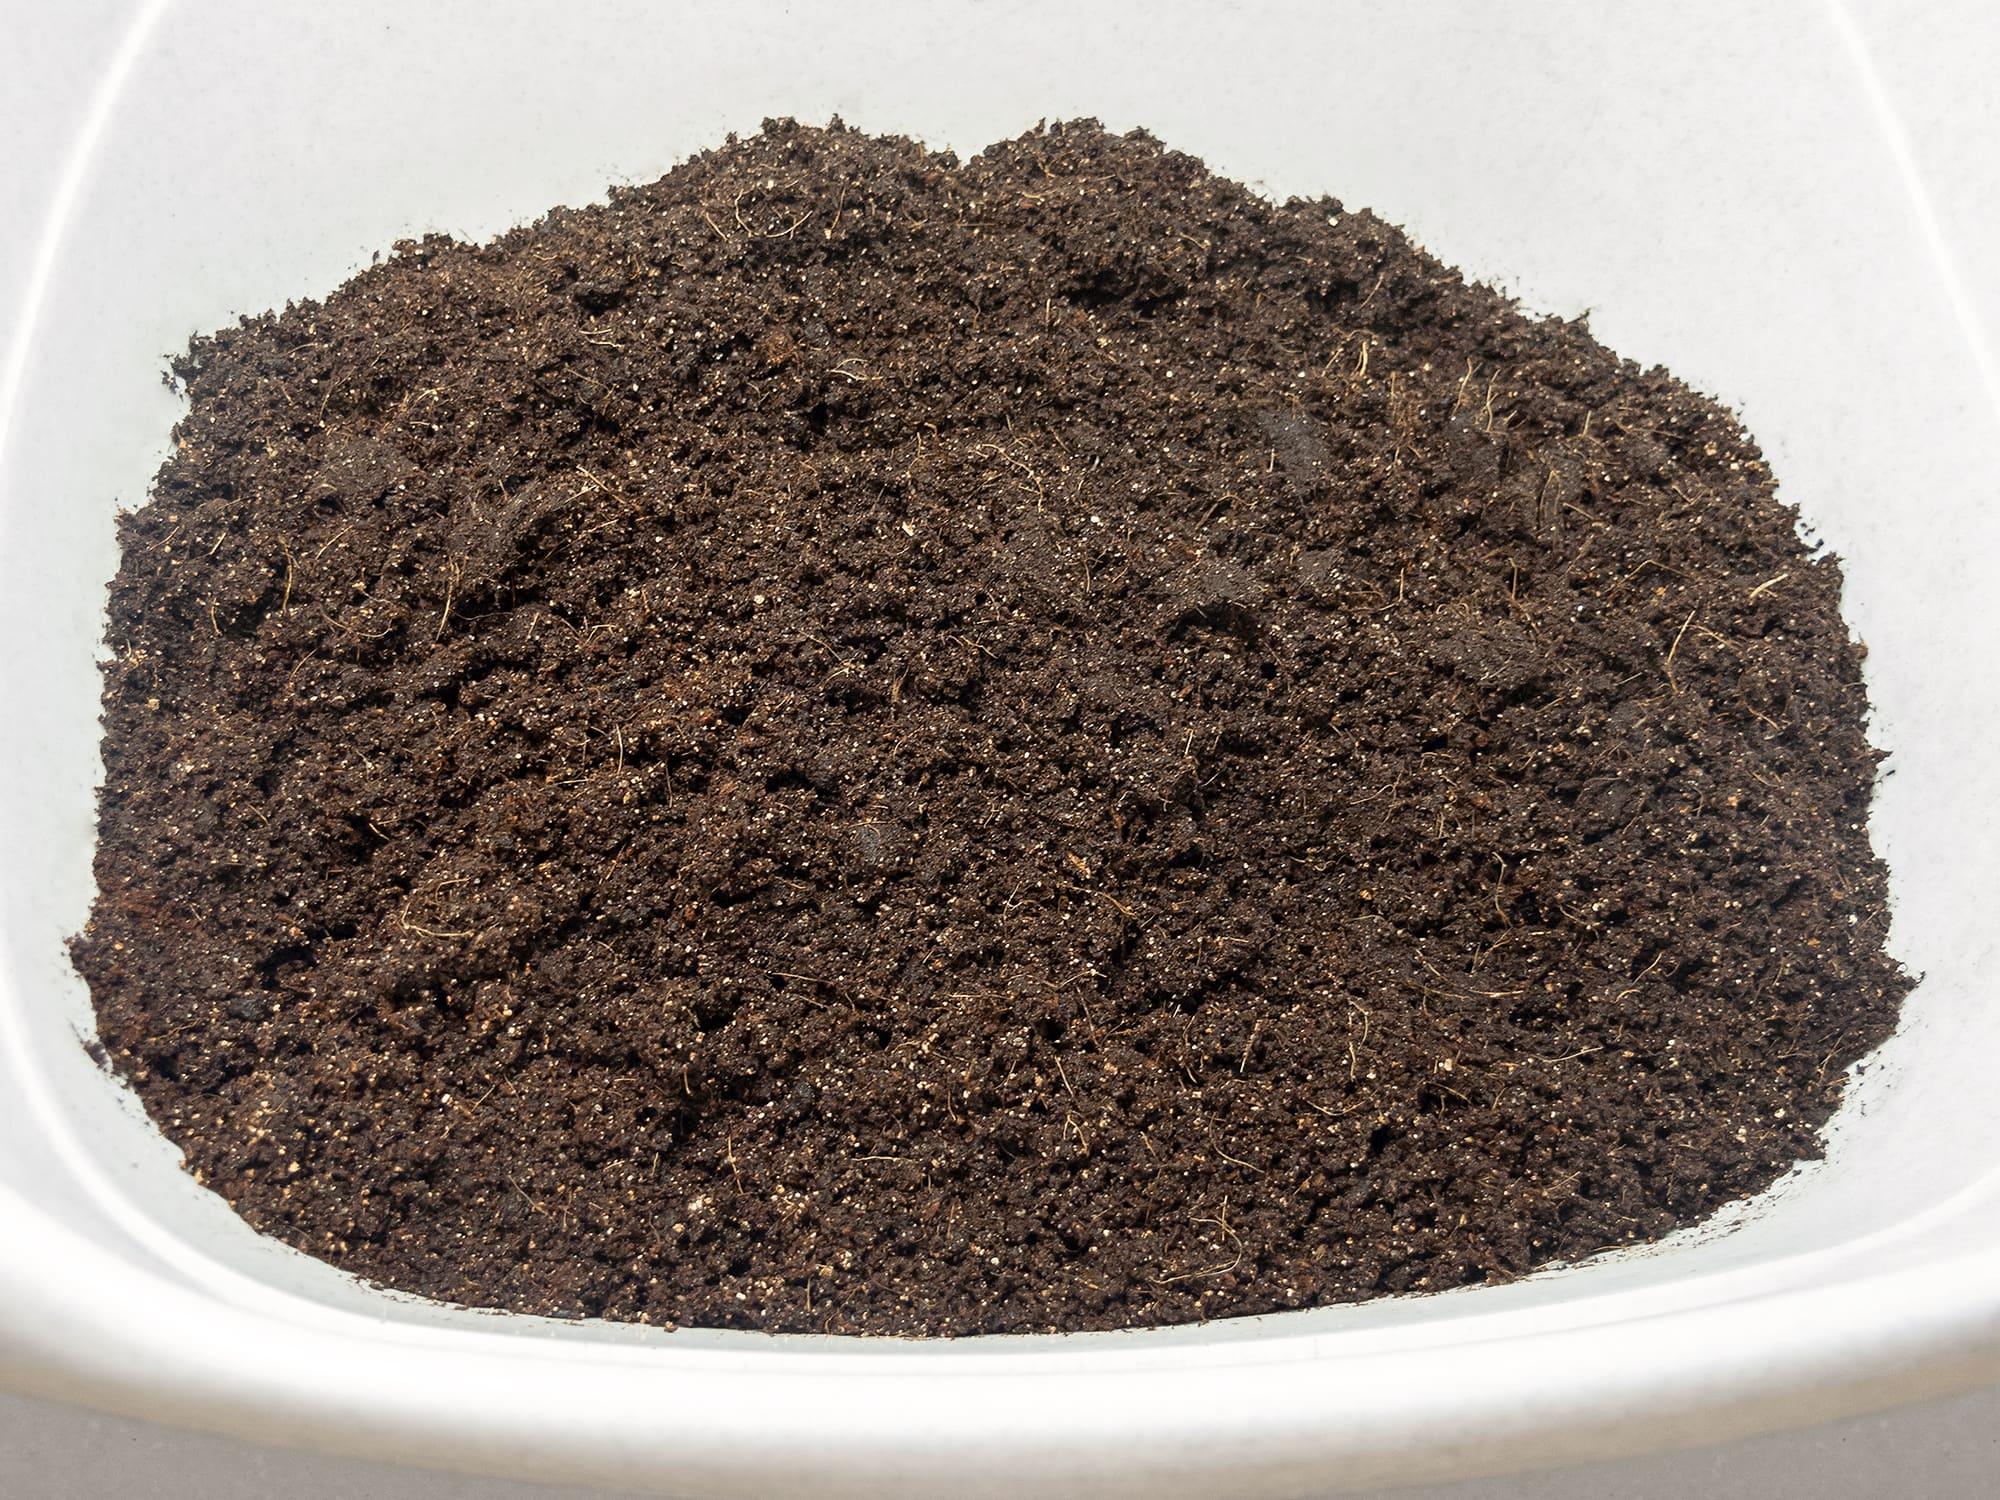 DIY грунт для домашнего выращивания